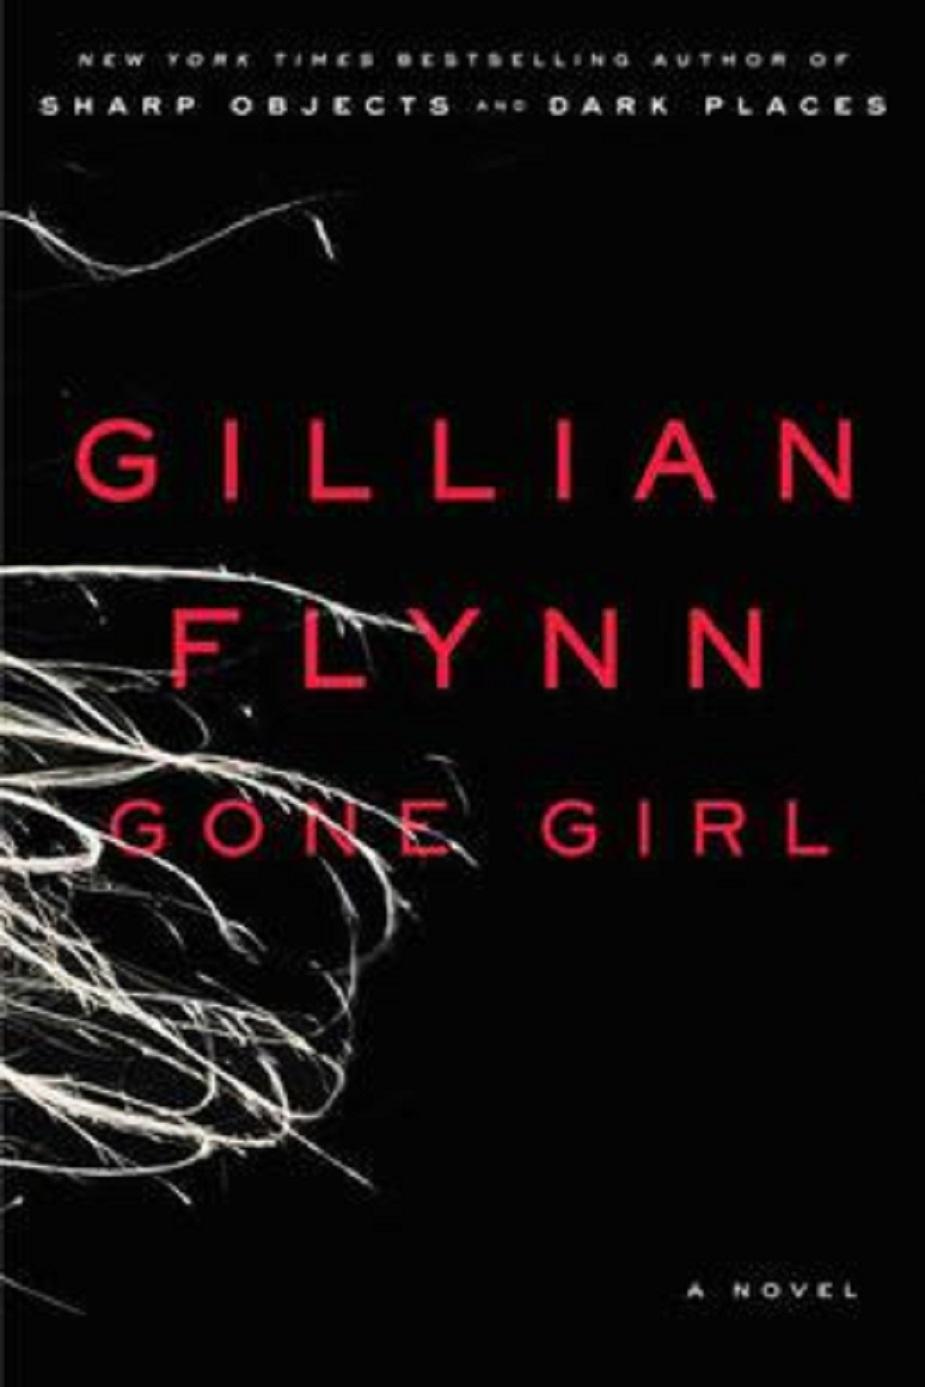 गॉन गर्ल : 2012 : गिलियन फ्लैन -इस नॉवेल की कहानी के पहले भाग में ही बेहद रोमांच पैदा होता है जब अपनी शादी के बारे में पति और पत्नी के अलग—अलग नज़रिये सामने आते हैं. दोनों इस रिश्ते से कहीं न कहीं त्रस्त नज़र आते हैं. फिर कहानी आगे बढ़ती है और एक दिन पत्नी गायब हो जाती है. इस लड़की का गायब होना एक रहस्य की तरह उभरता है. धीरे—धीरे कहानी में उसके पति का रोल दिखना शुरू होता है. यह सवाल खड़ा होता है कि पत्नी के गायब होने में कहीं पति का हाथ तो नहीं है. और अगर है, तो क्यों और कैसे? इन सवालों के जवाबों में एक बेहतरीन रोमांच और सस्पेंस बना रहता है.